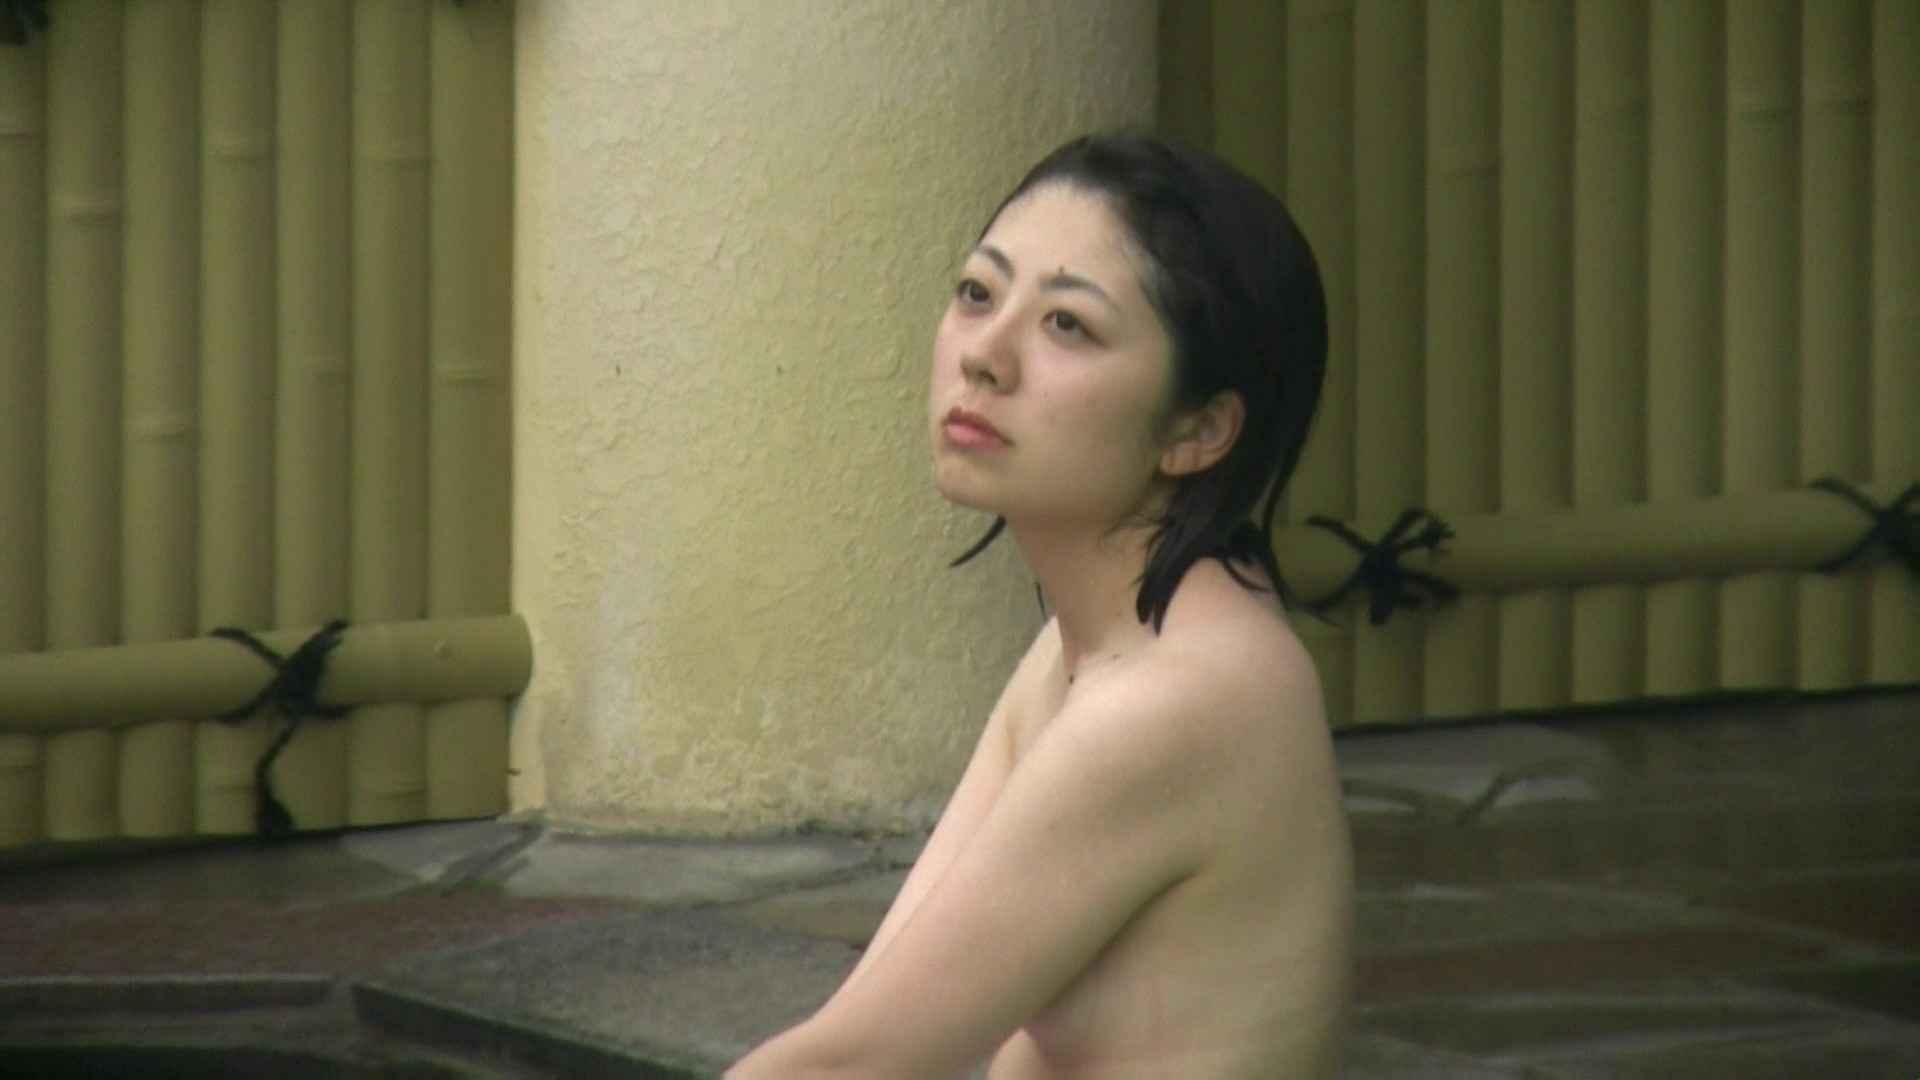 Aquaな露天風呂Vol.04 盗撮  82枚 3